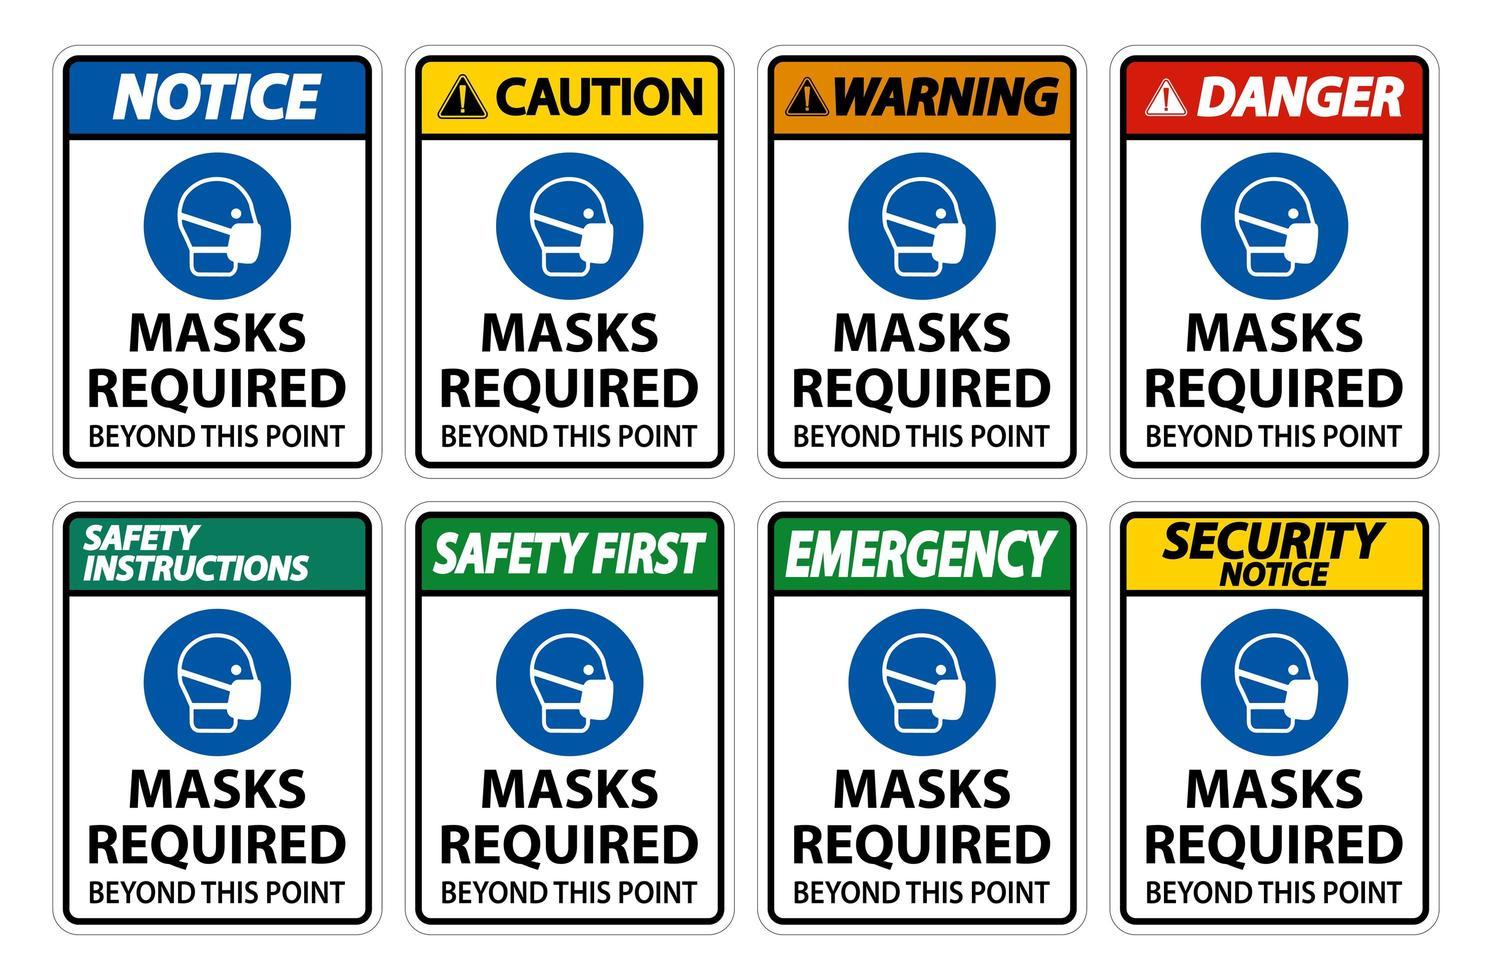 masques requis au-delà de ce jeu de panneaux verticaux vecteur